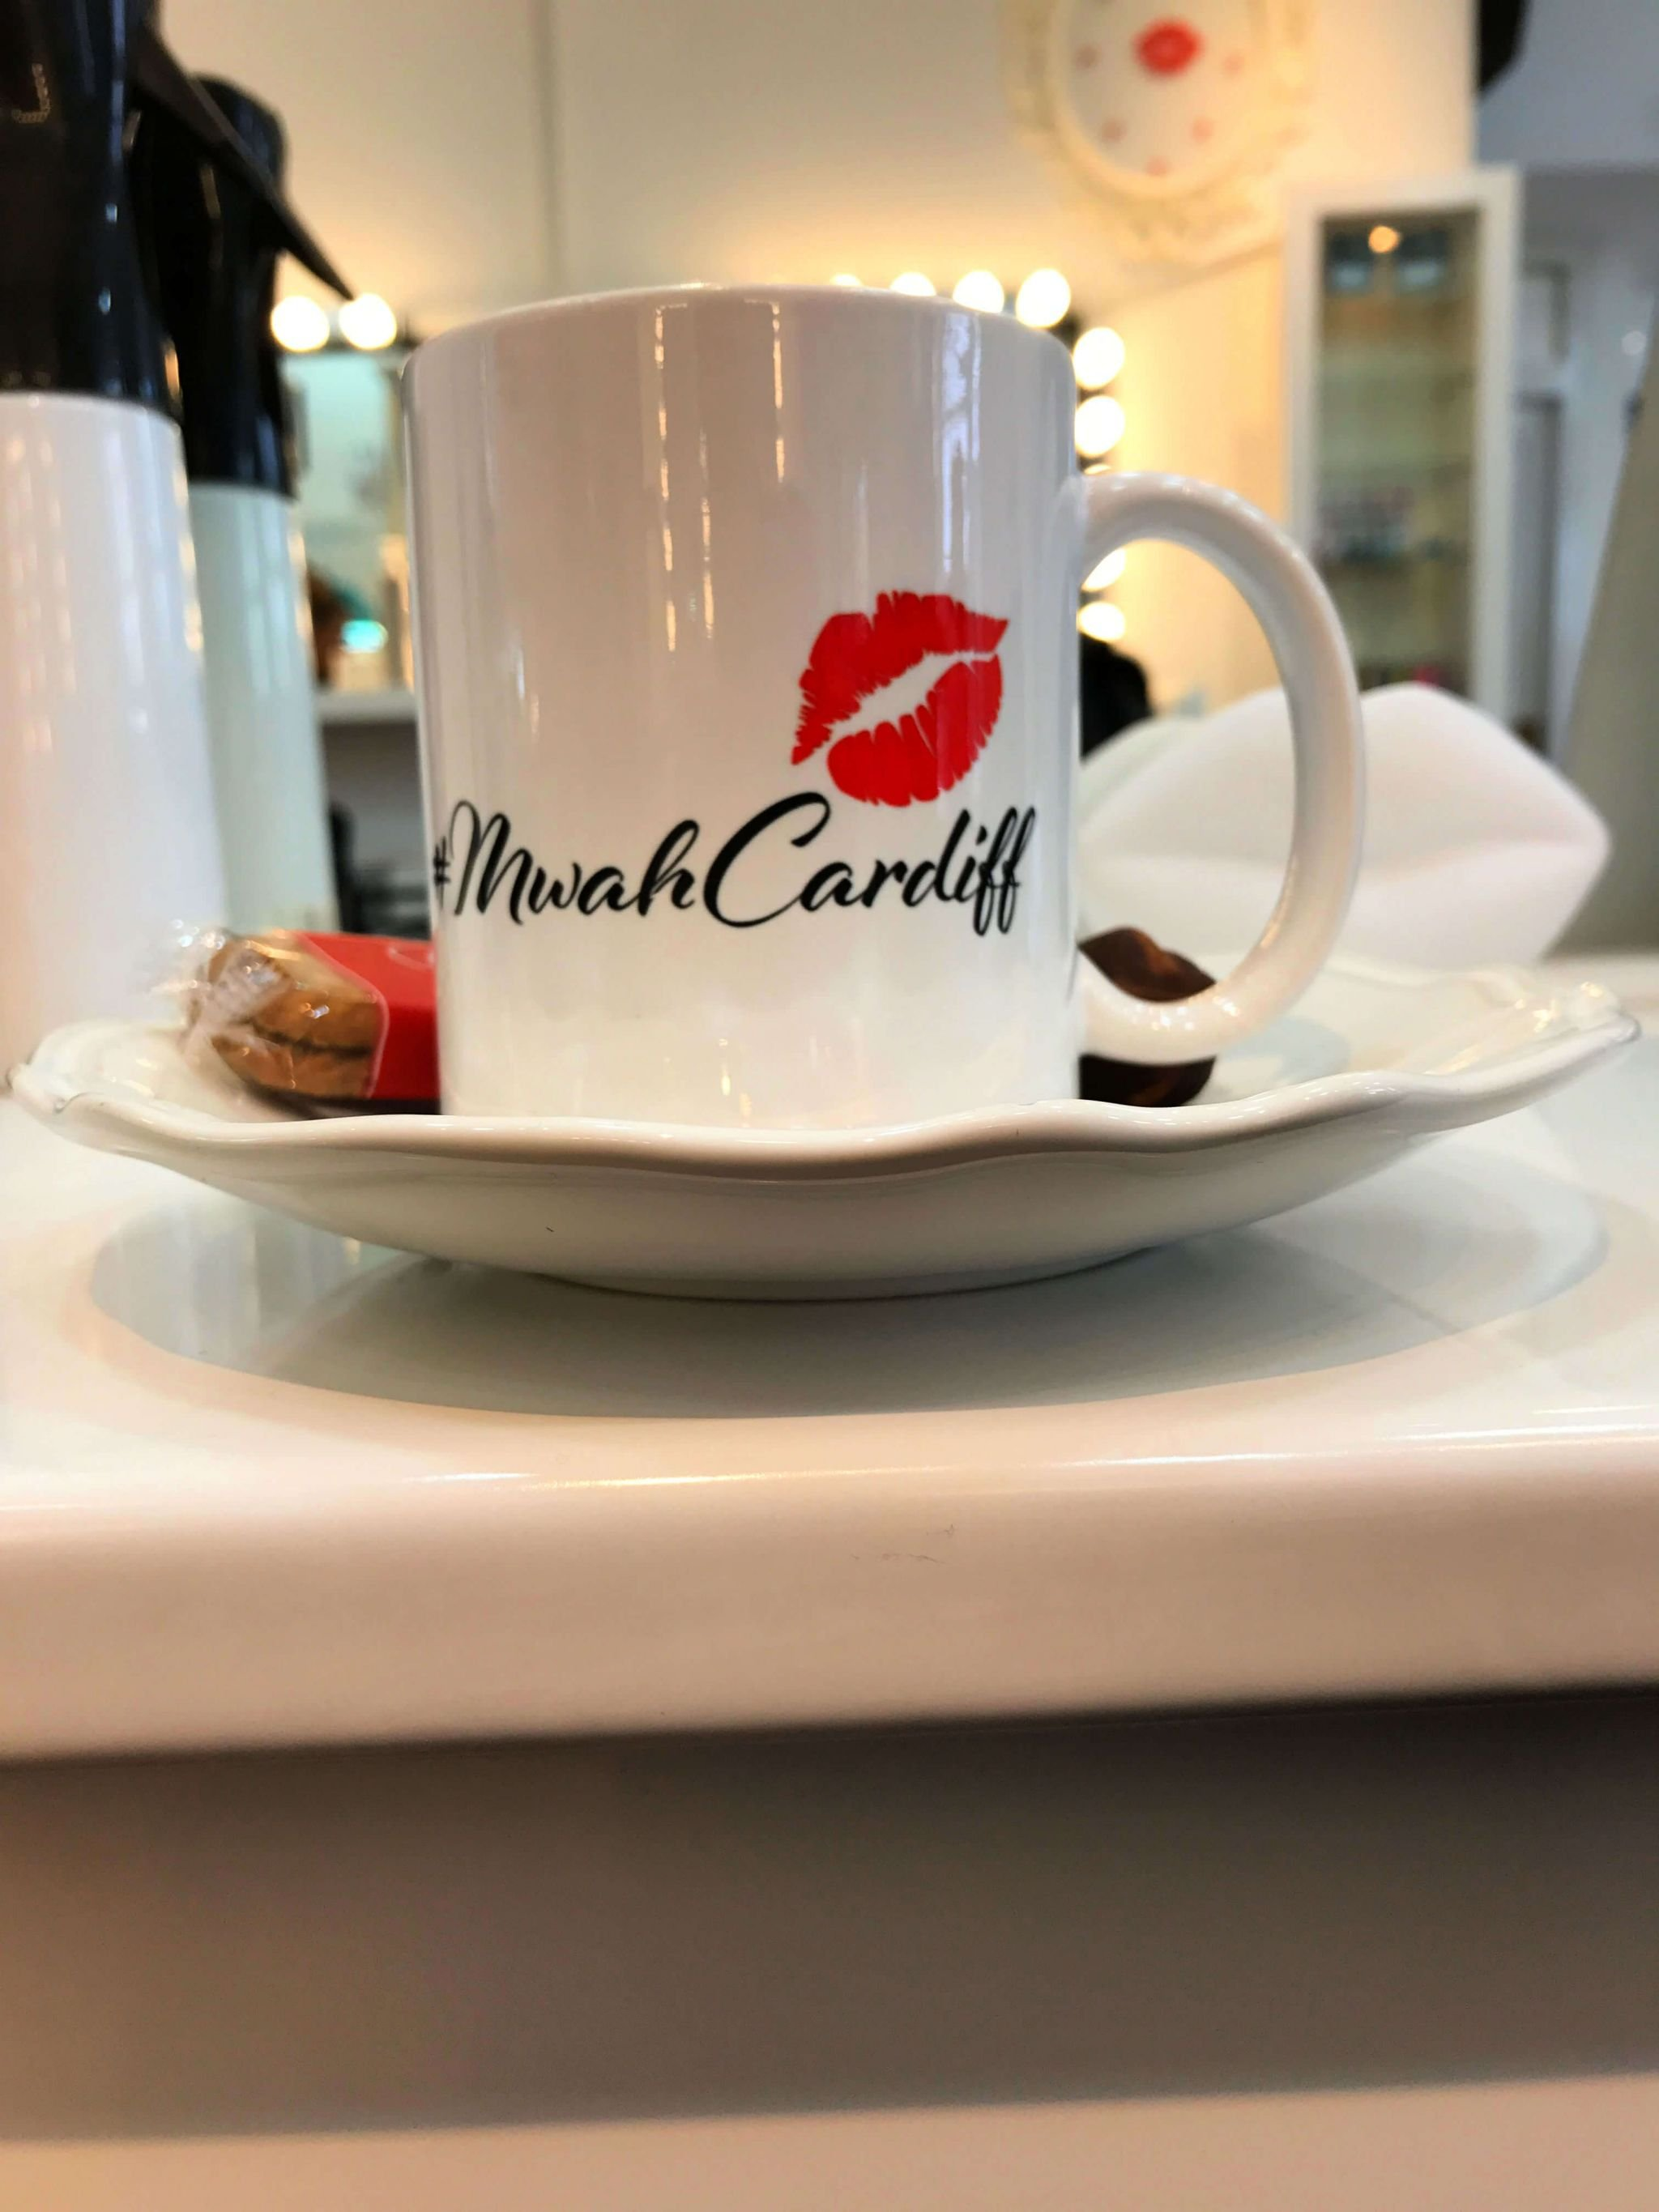 Mwah Cardiff coffee mug